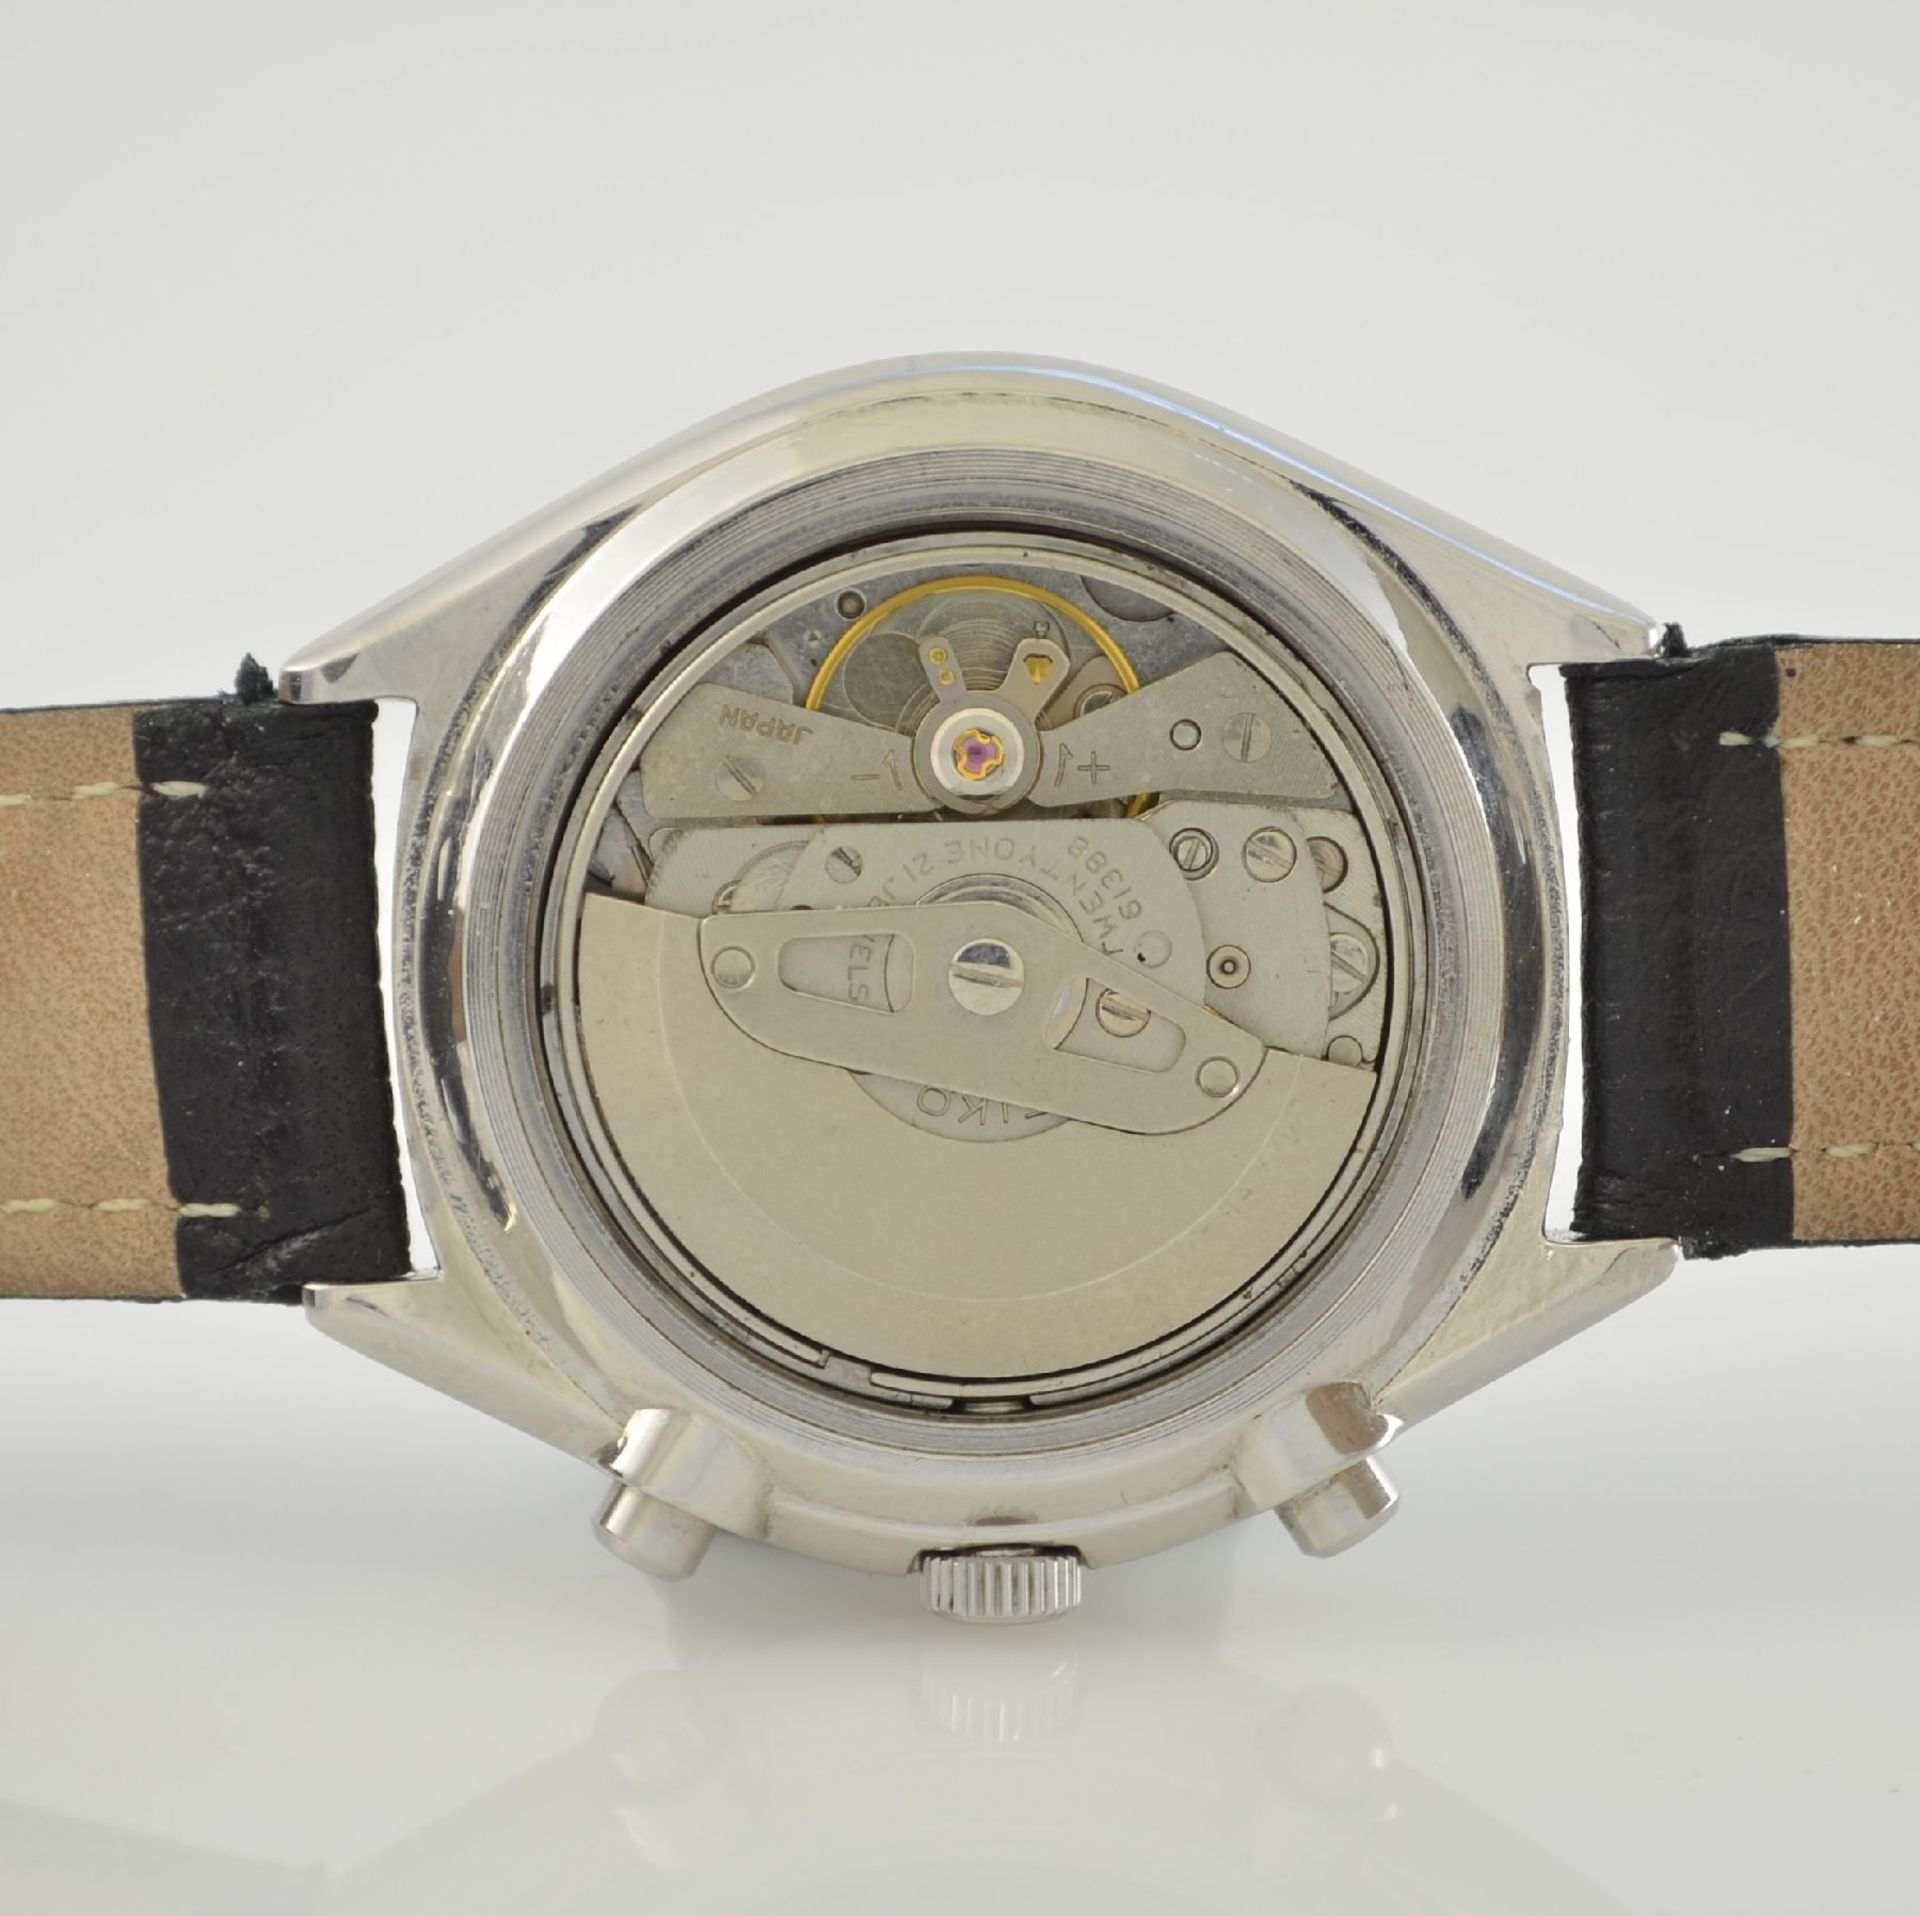 SEIKO Herrenarmbanduhr mit Schaltradchronograph in Stahl, Japan um 1975, Automatik, verschr. Geh. - Bild 8 aus 9